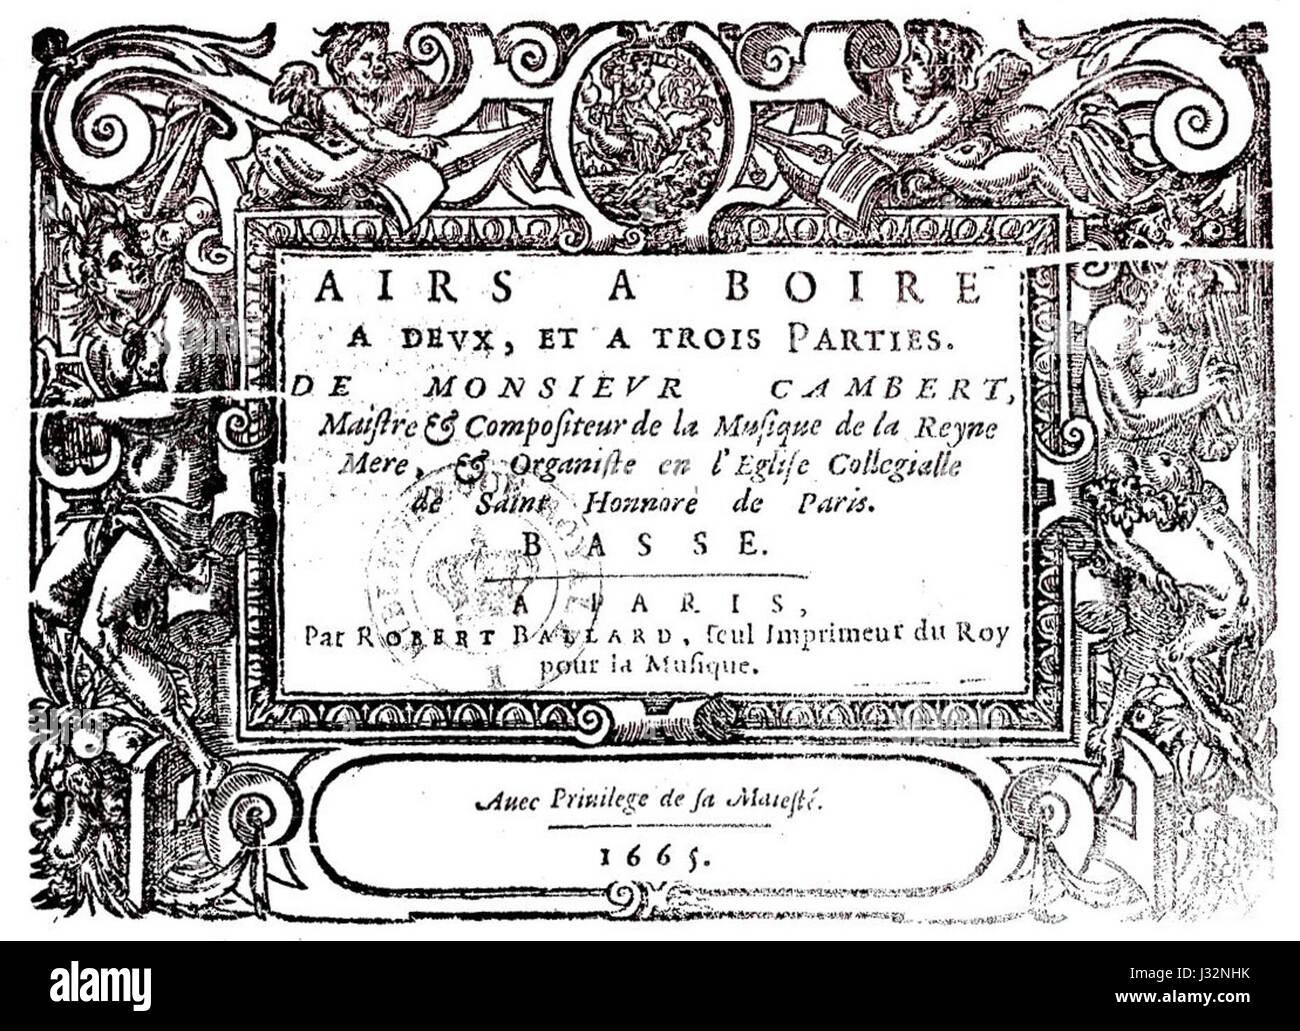 Cambert - Airs 1665 - Stock Image